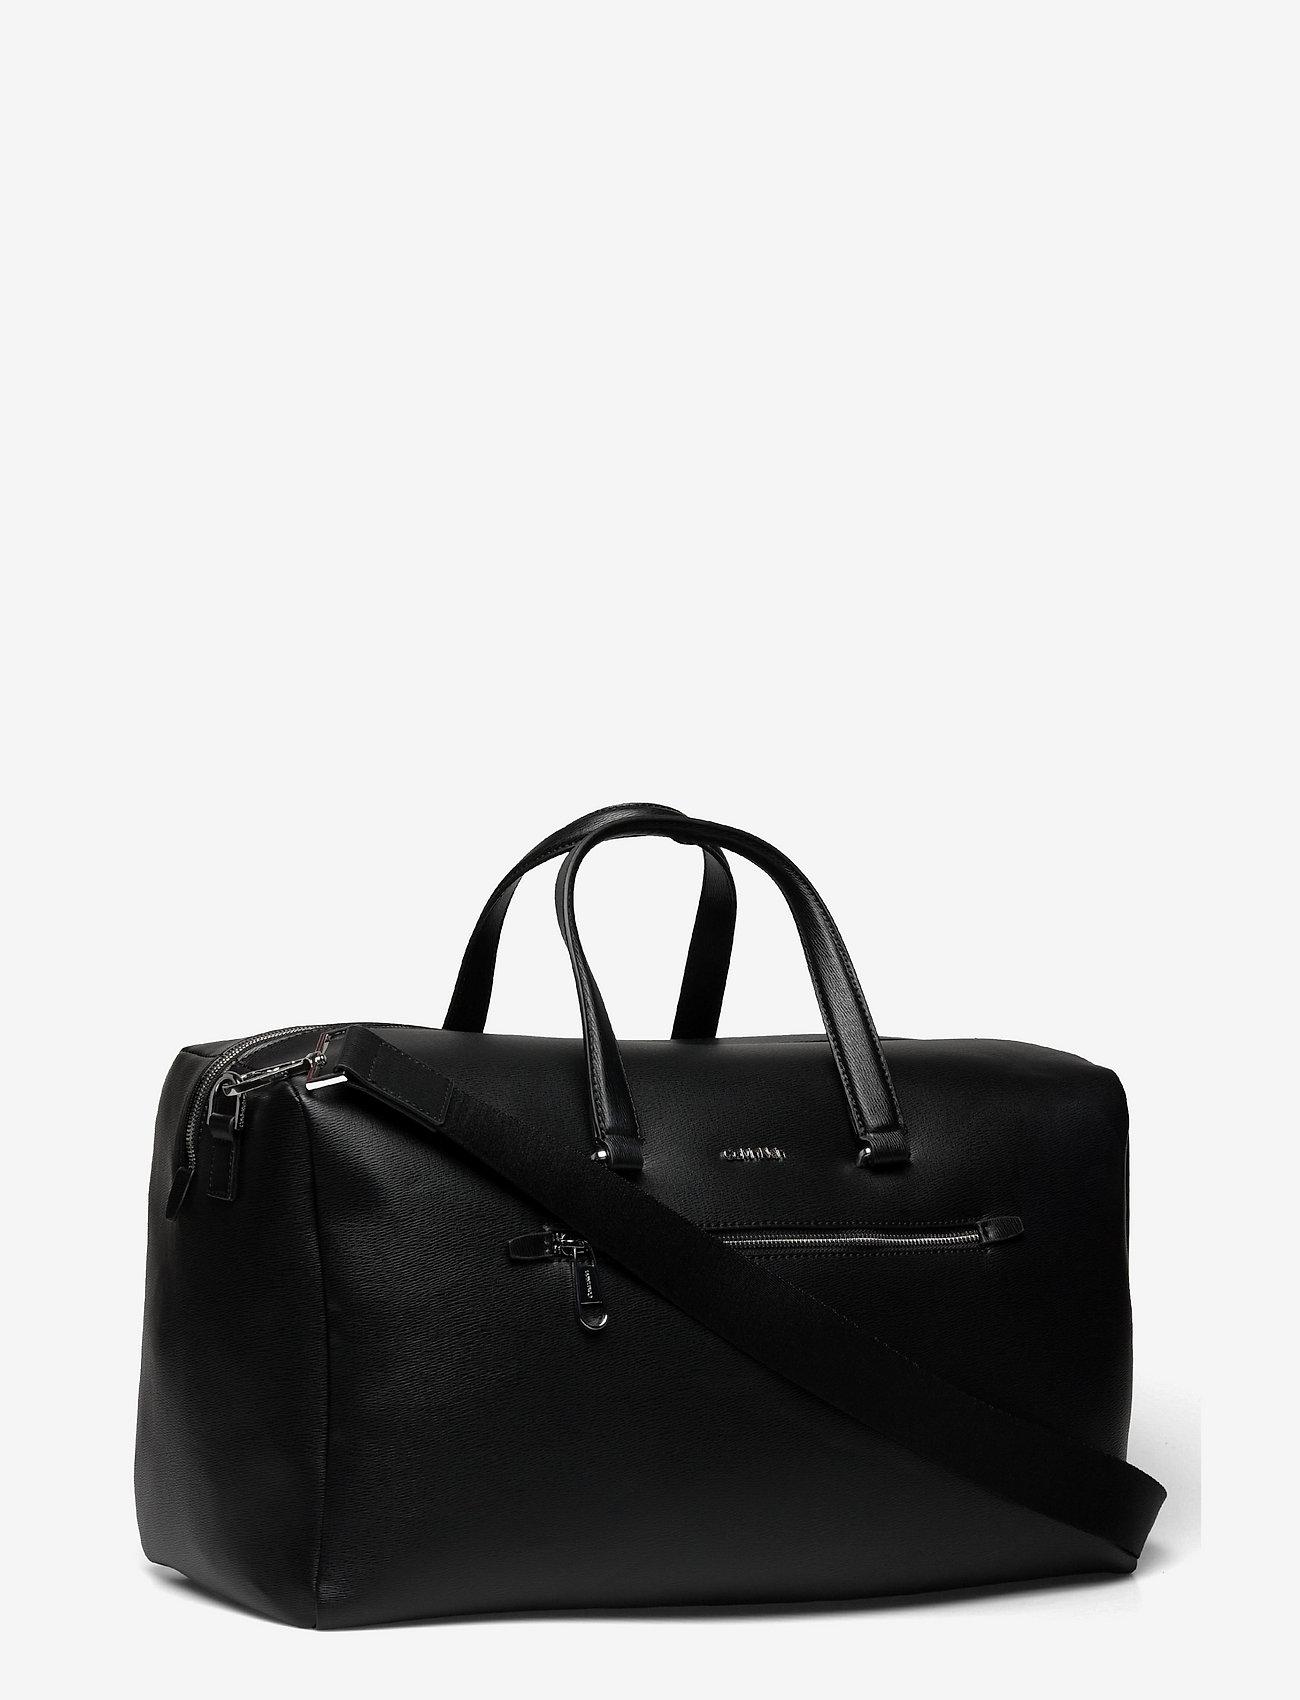 Calvin Klein - MINIMALISM WEEKENDER - gym bags - ck black - 2